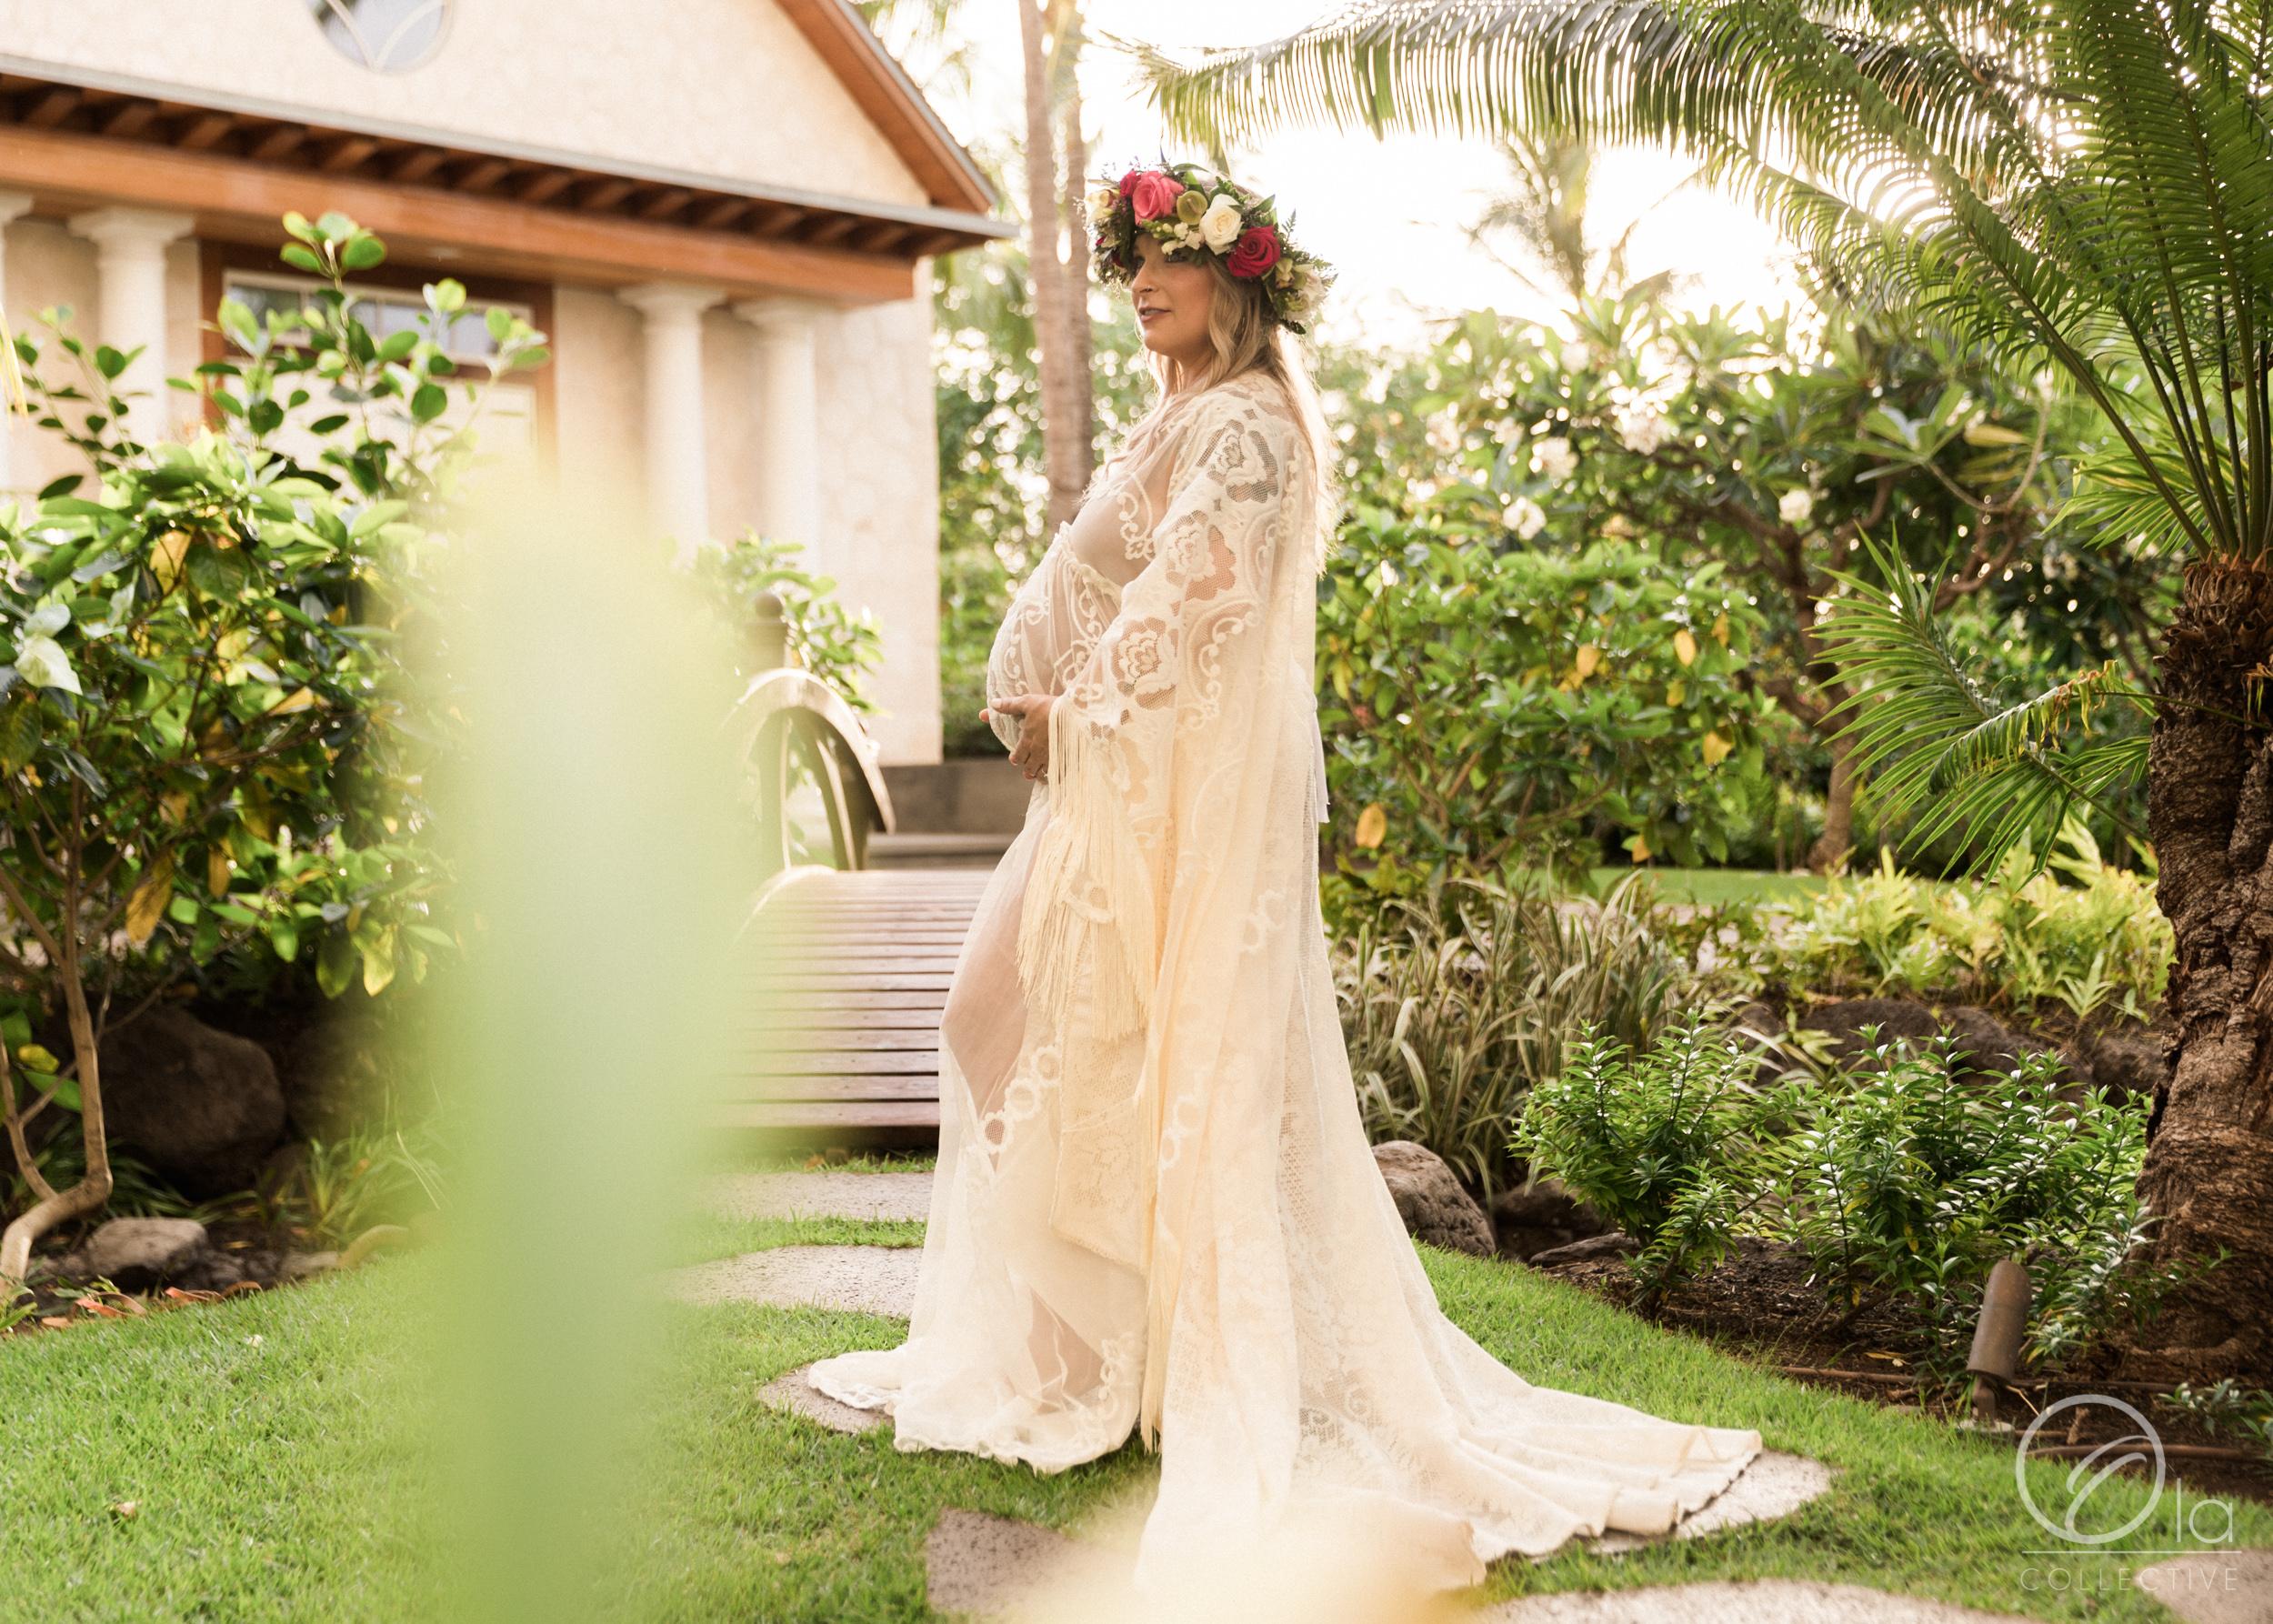 Four-Seasons-Oahu-Family-Photographer-Ola-Collective-2.jpg